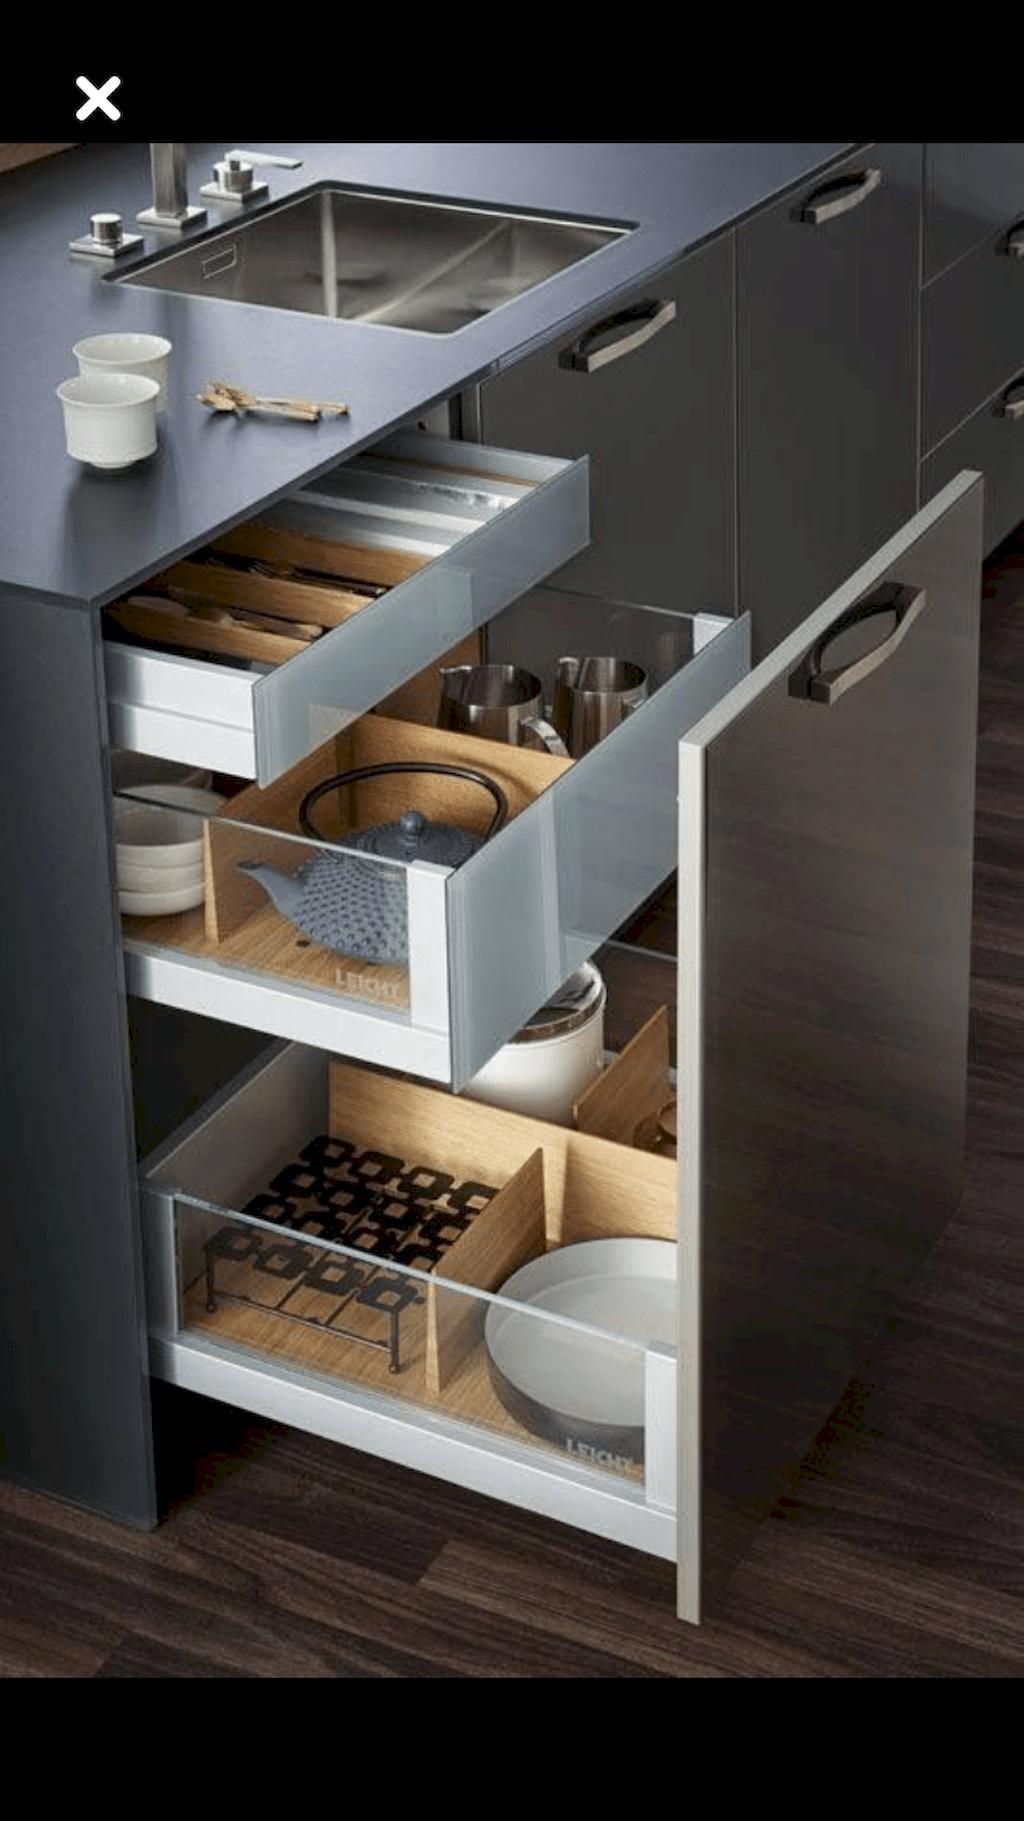 small kitchen organization ideas with inspiring hidden storage concept to make kitchen look on kitchen decor organization id=39861